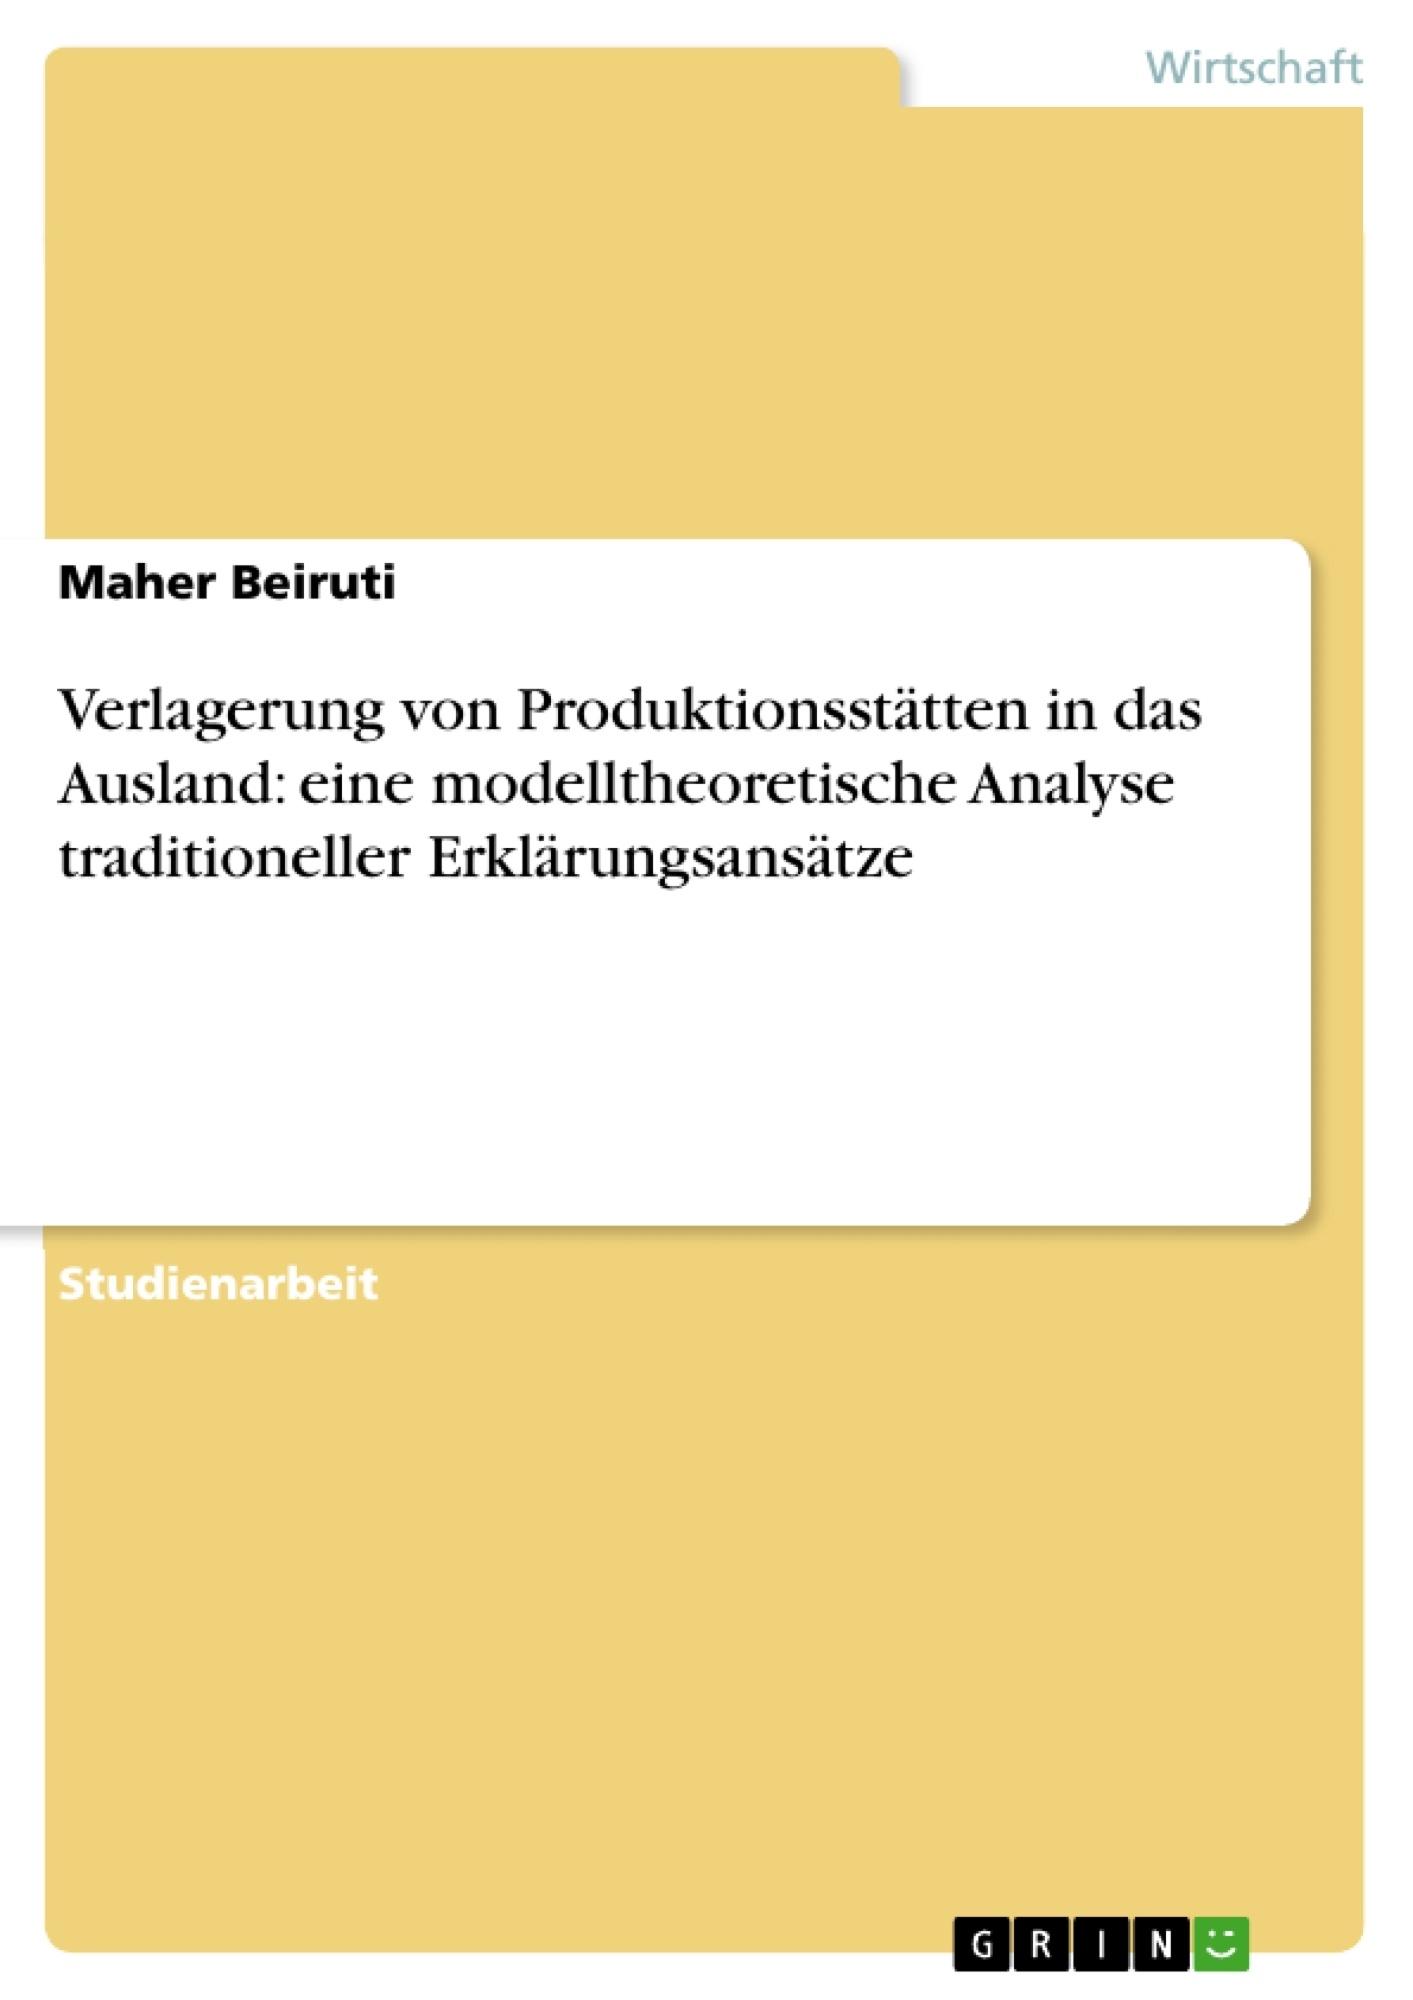 Titel: Verlagerung von Produktionsstätten in das Ausland: eine modelltheoretische Analyse traditioneller Erklärungsansätze